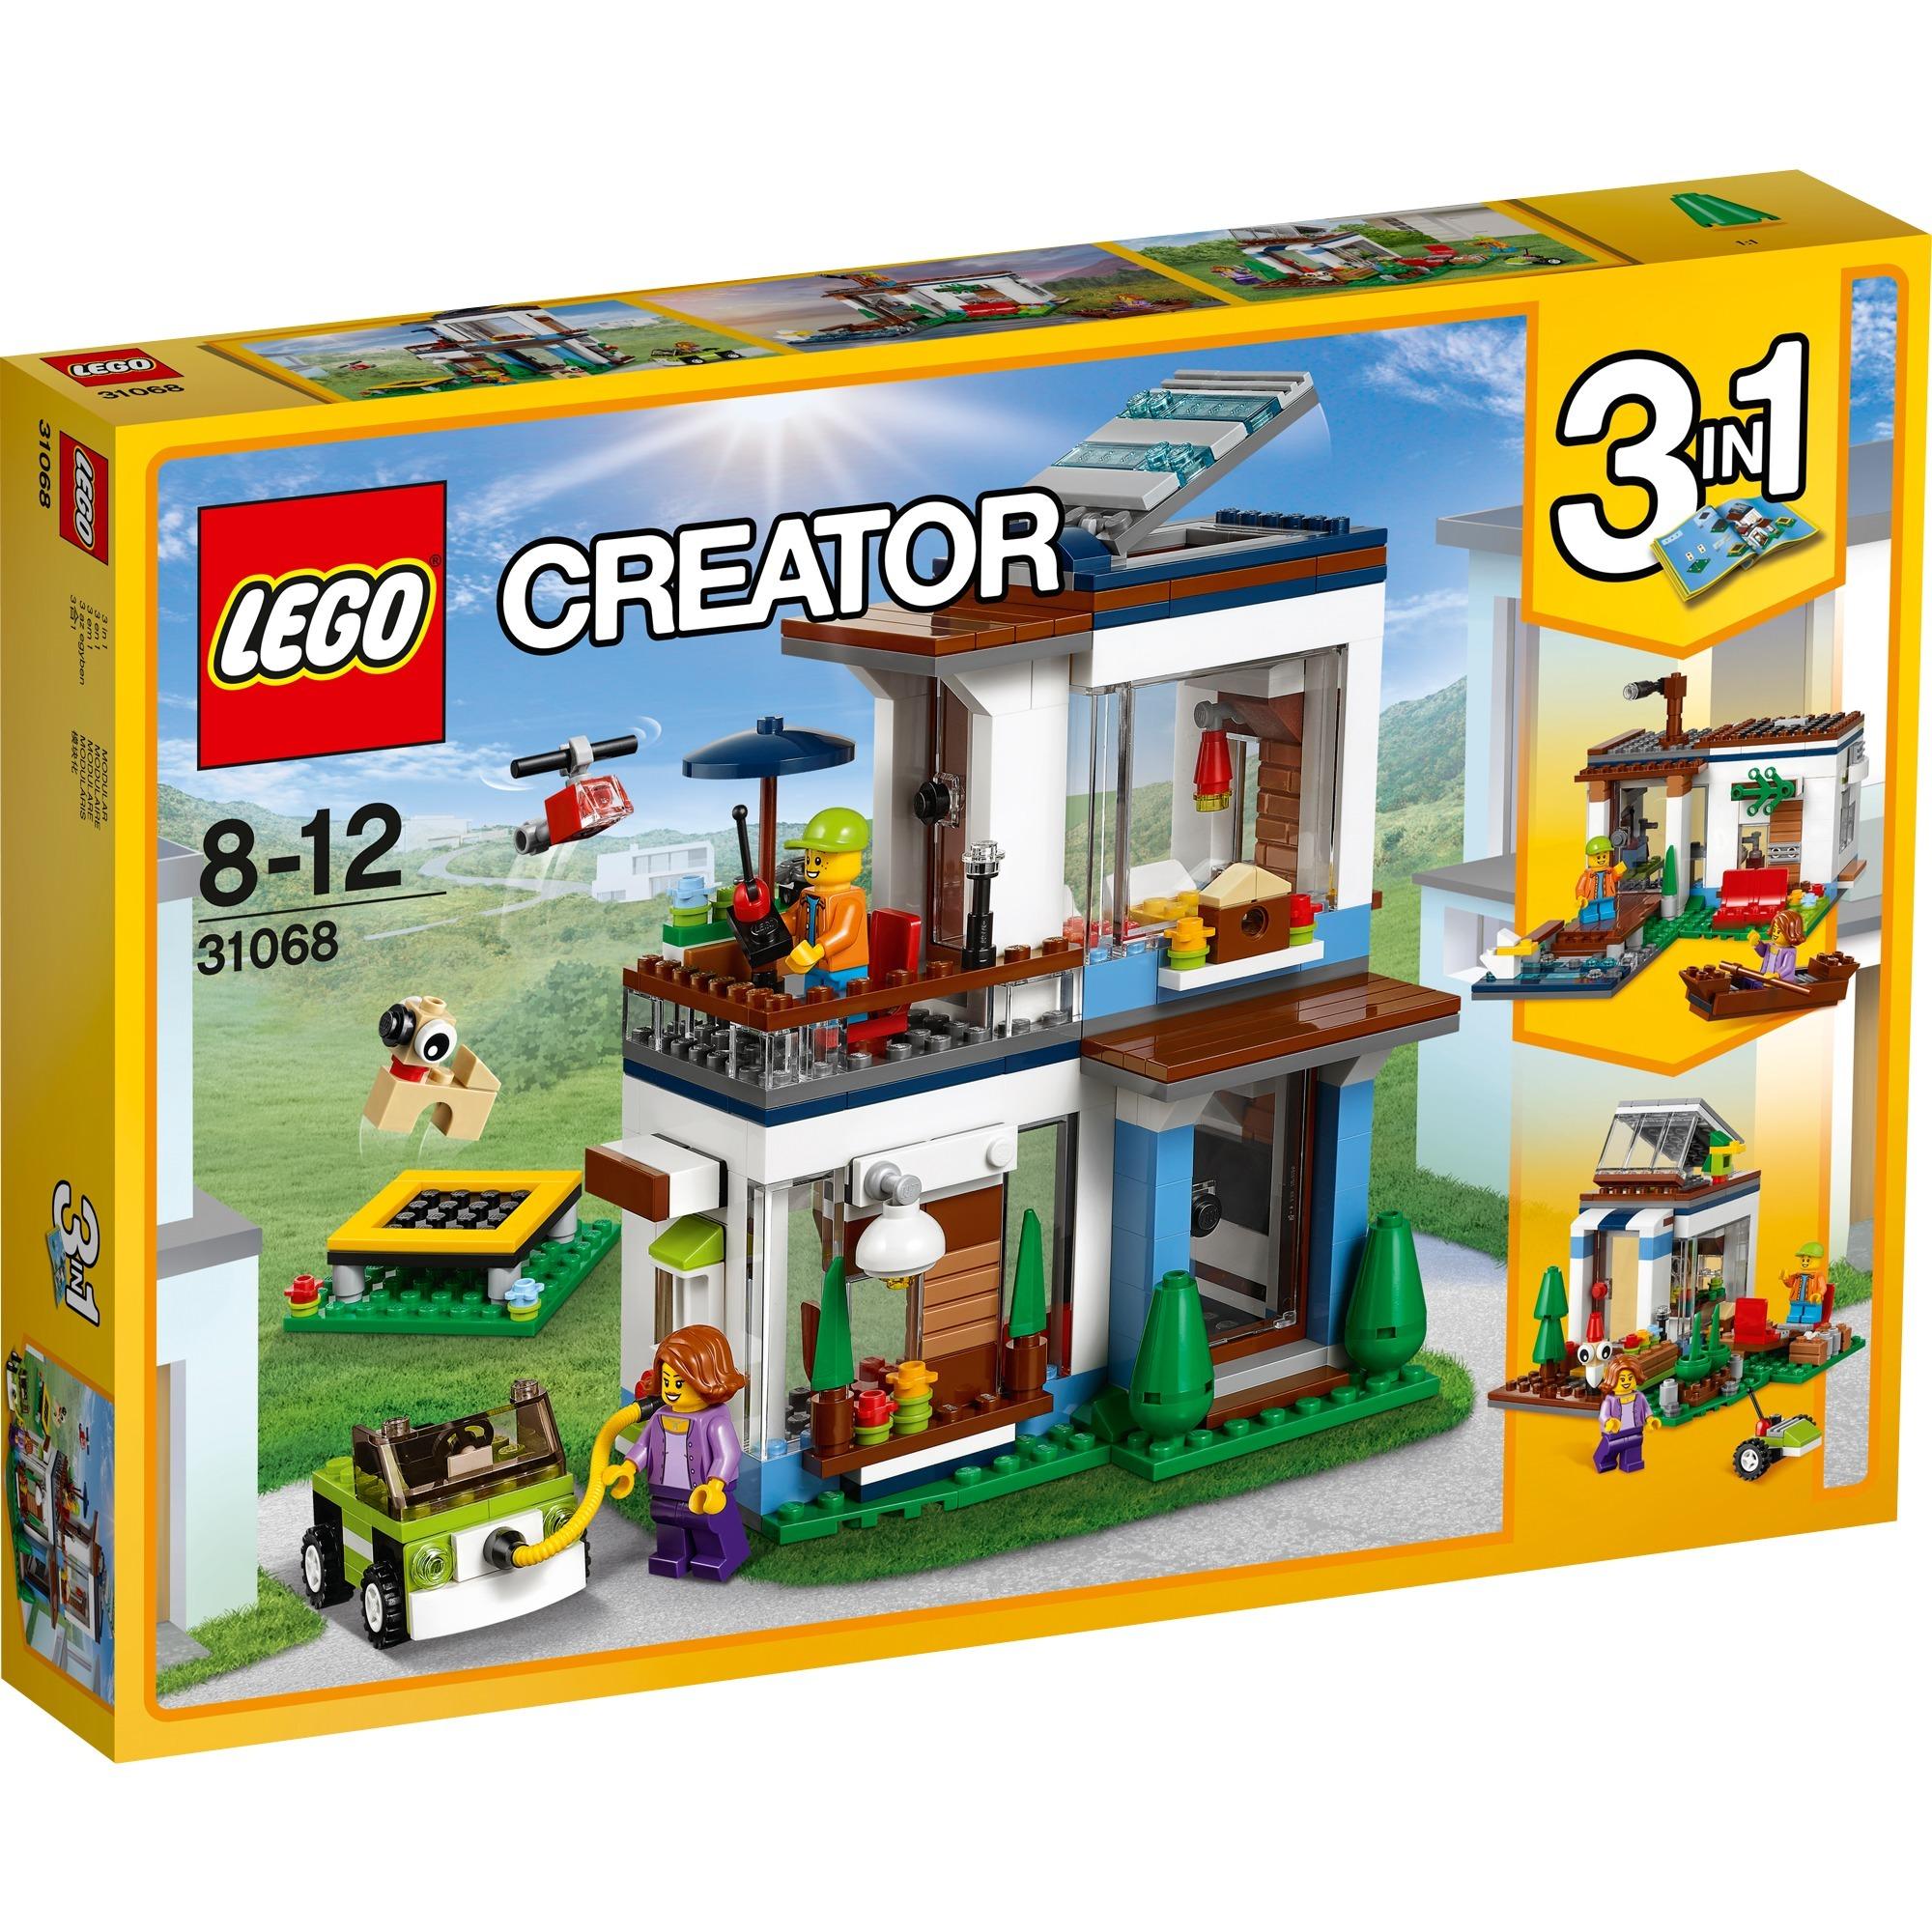 Creator 3in1 31068 Casa moderna, Juegos de construcción